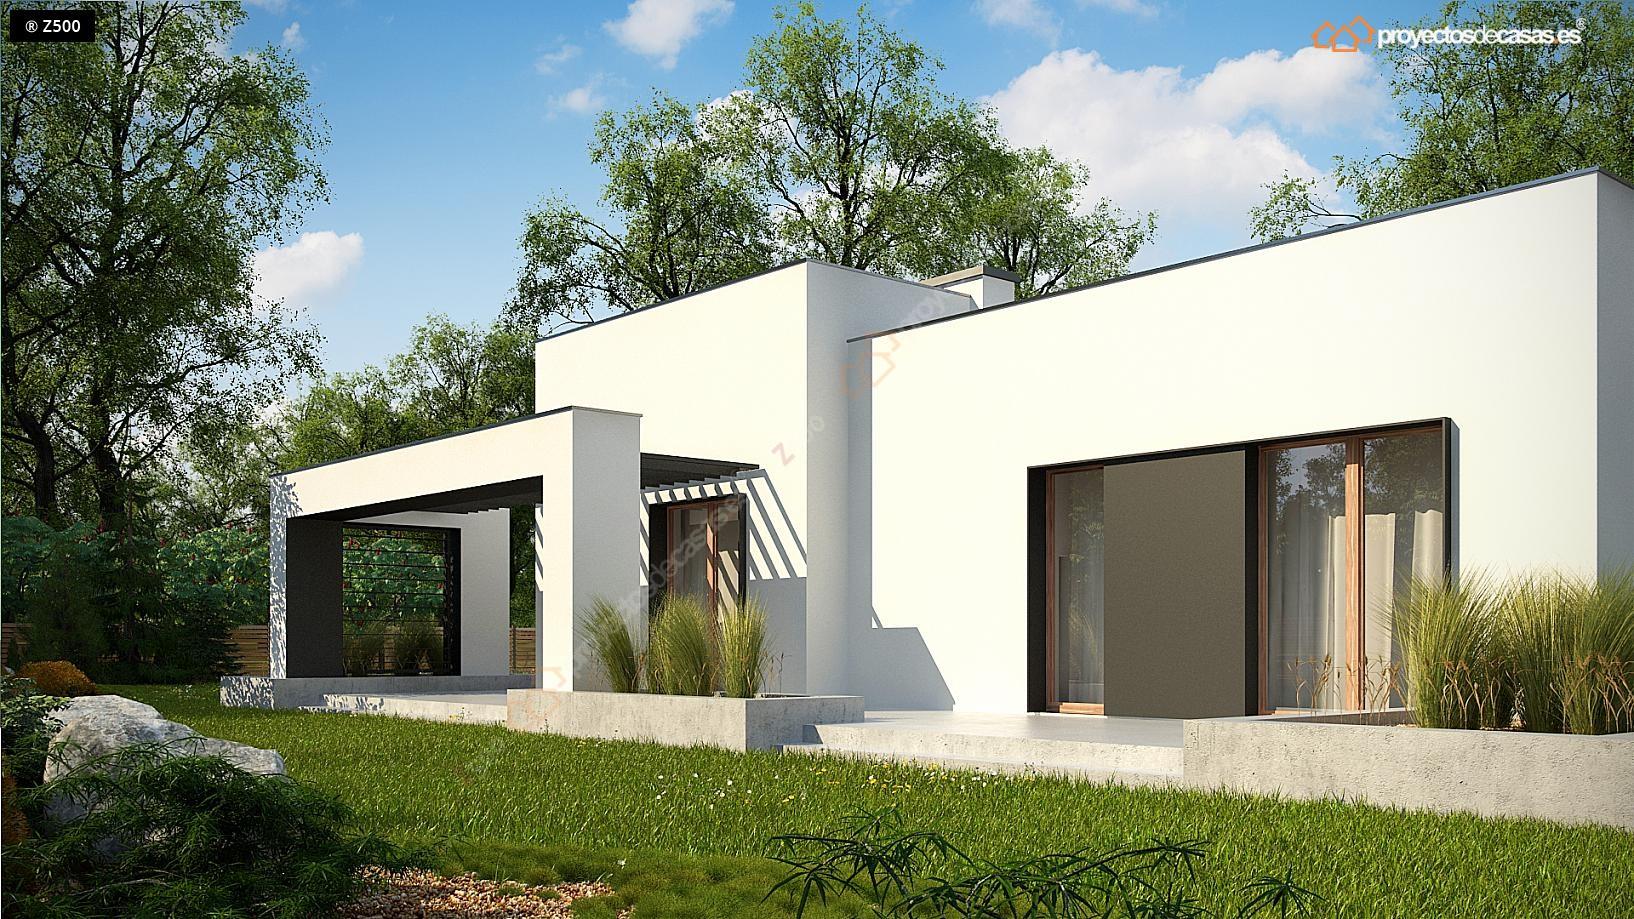 Proyectos De Casas Casa Moderna Aldaya Con Garaje